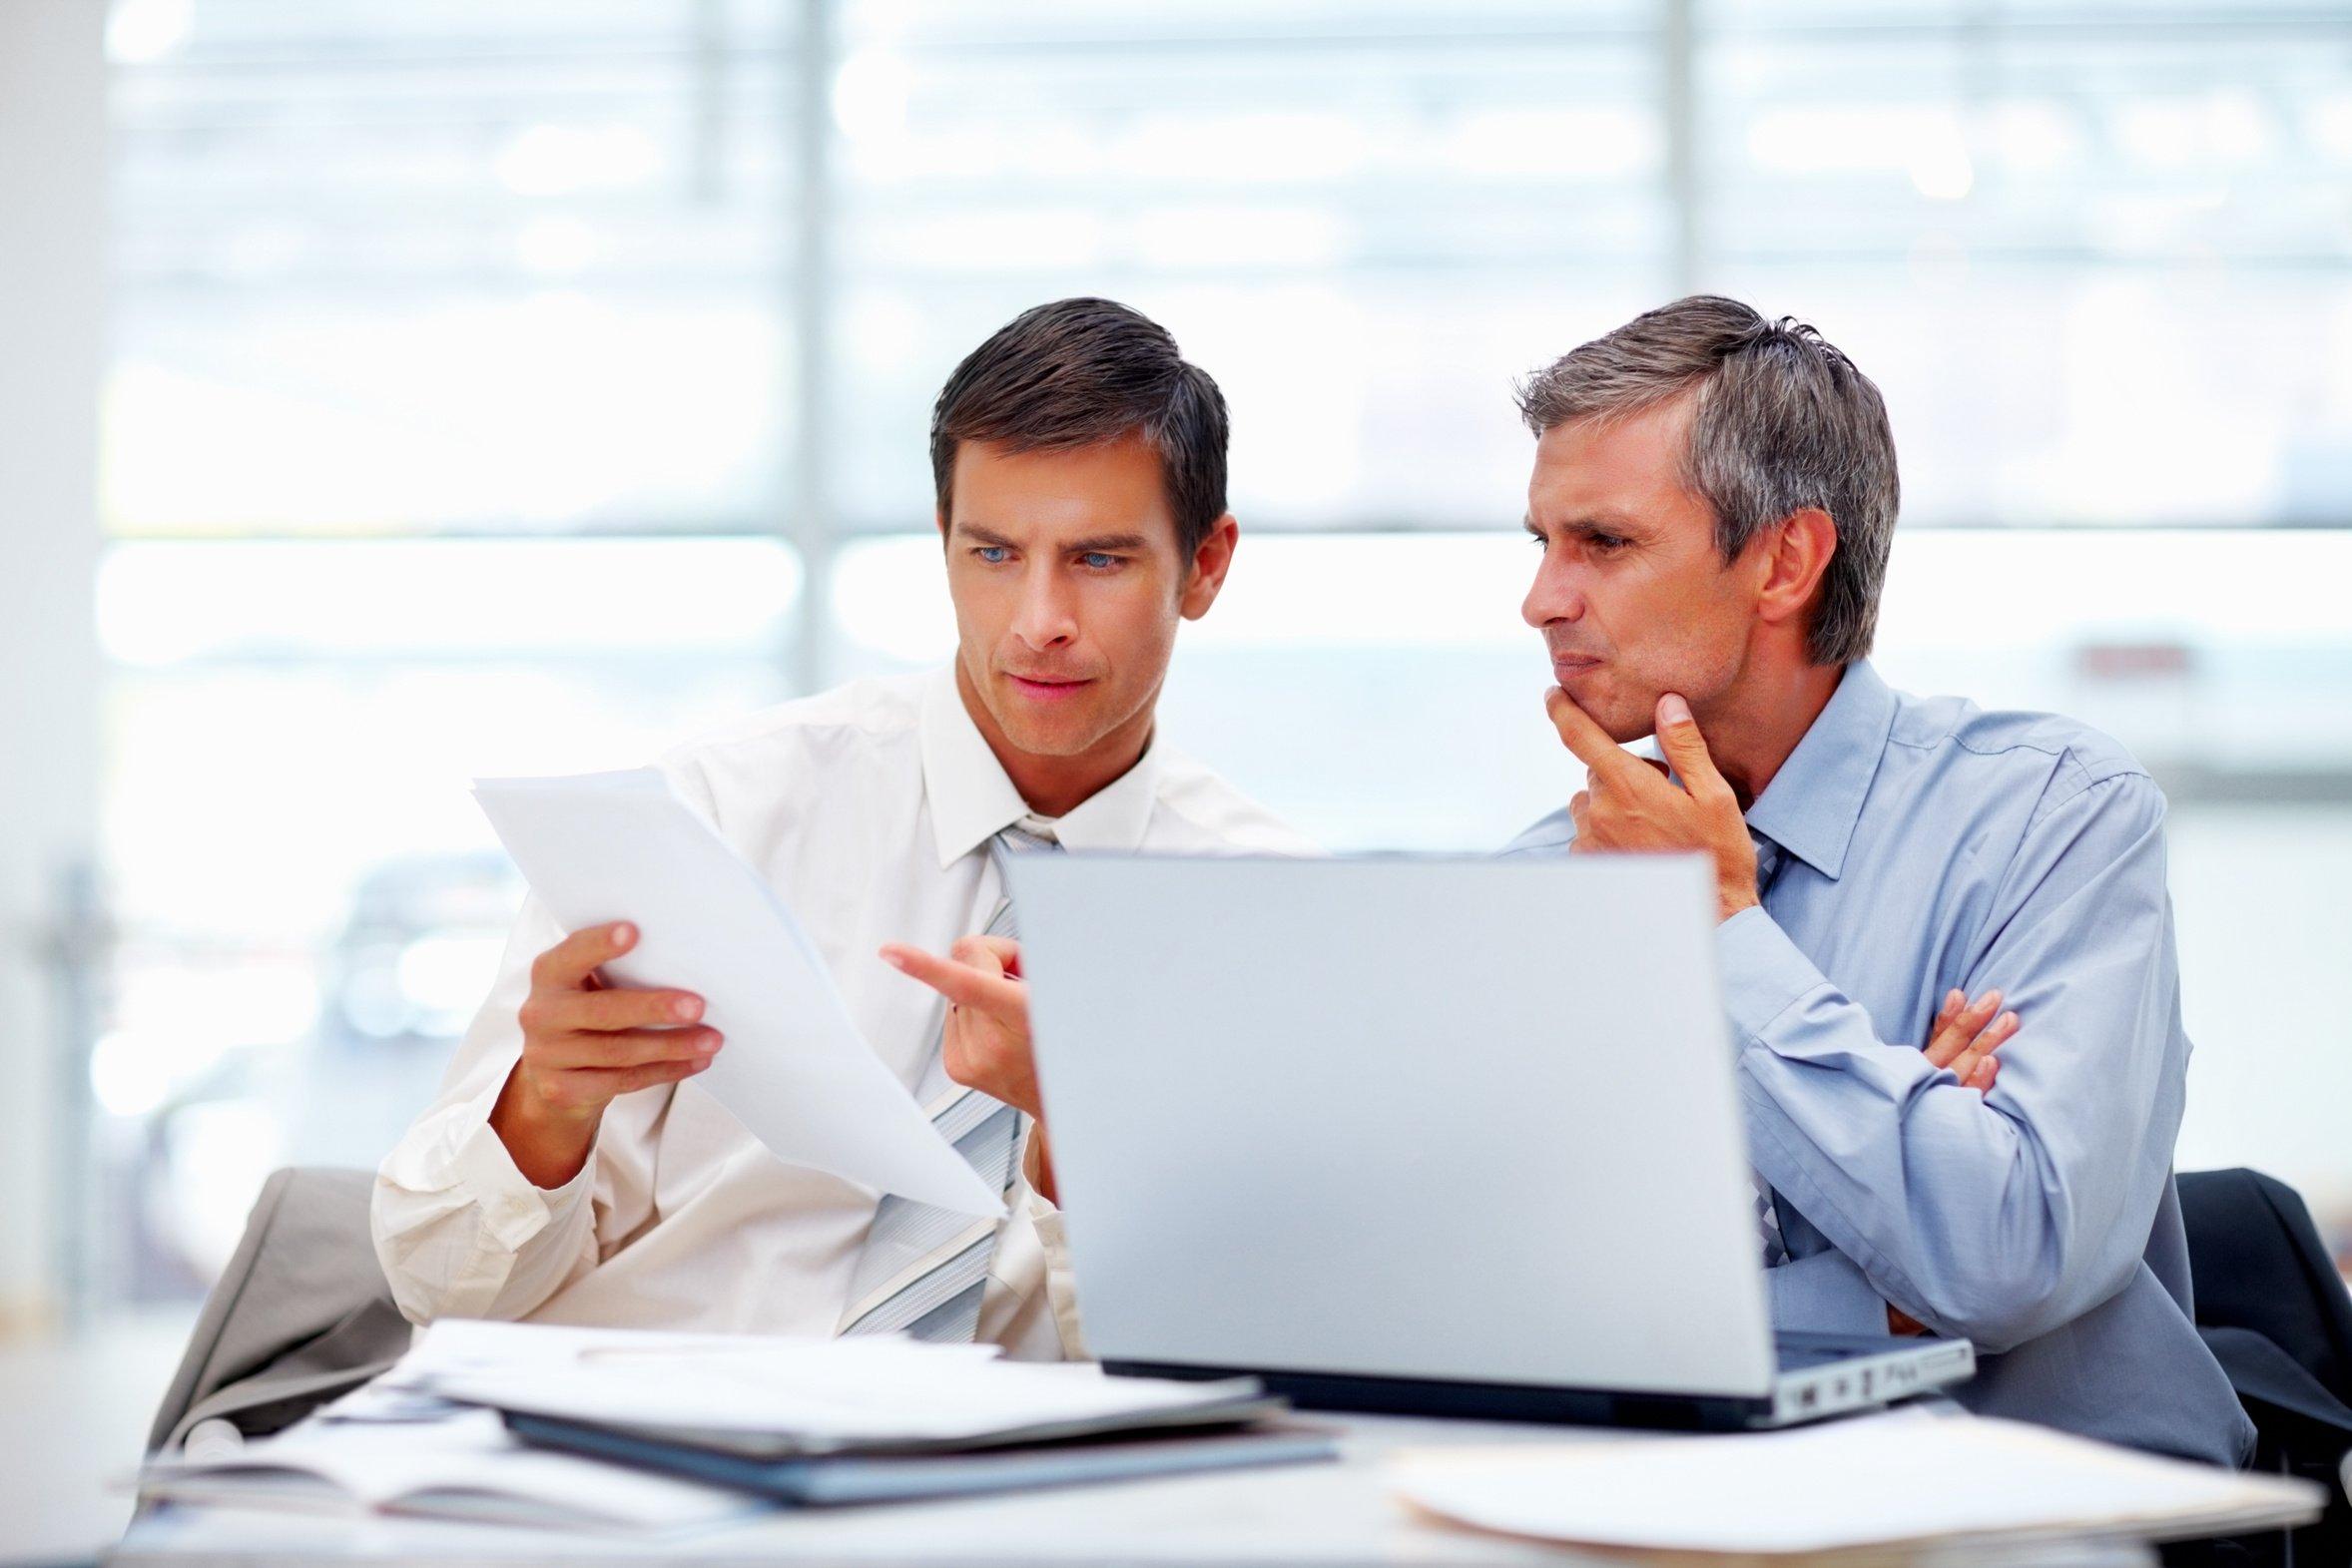 Skill Management Software – Welche Expertise morgen gefragt ist, muss kein Geheimnis bleiben